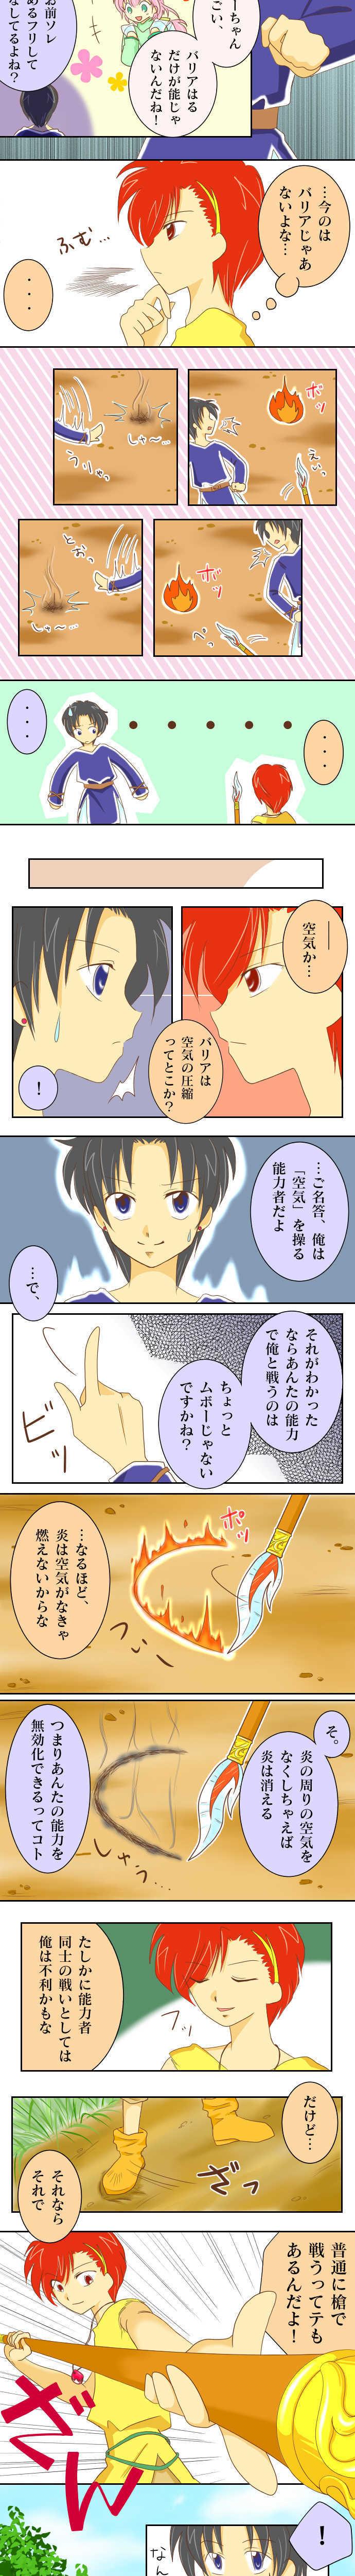 4.初バトル(2)